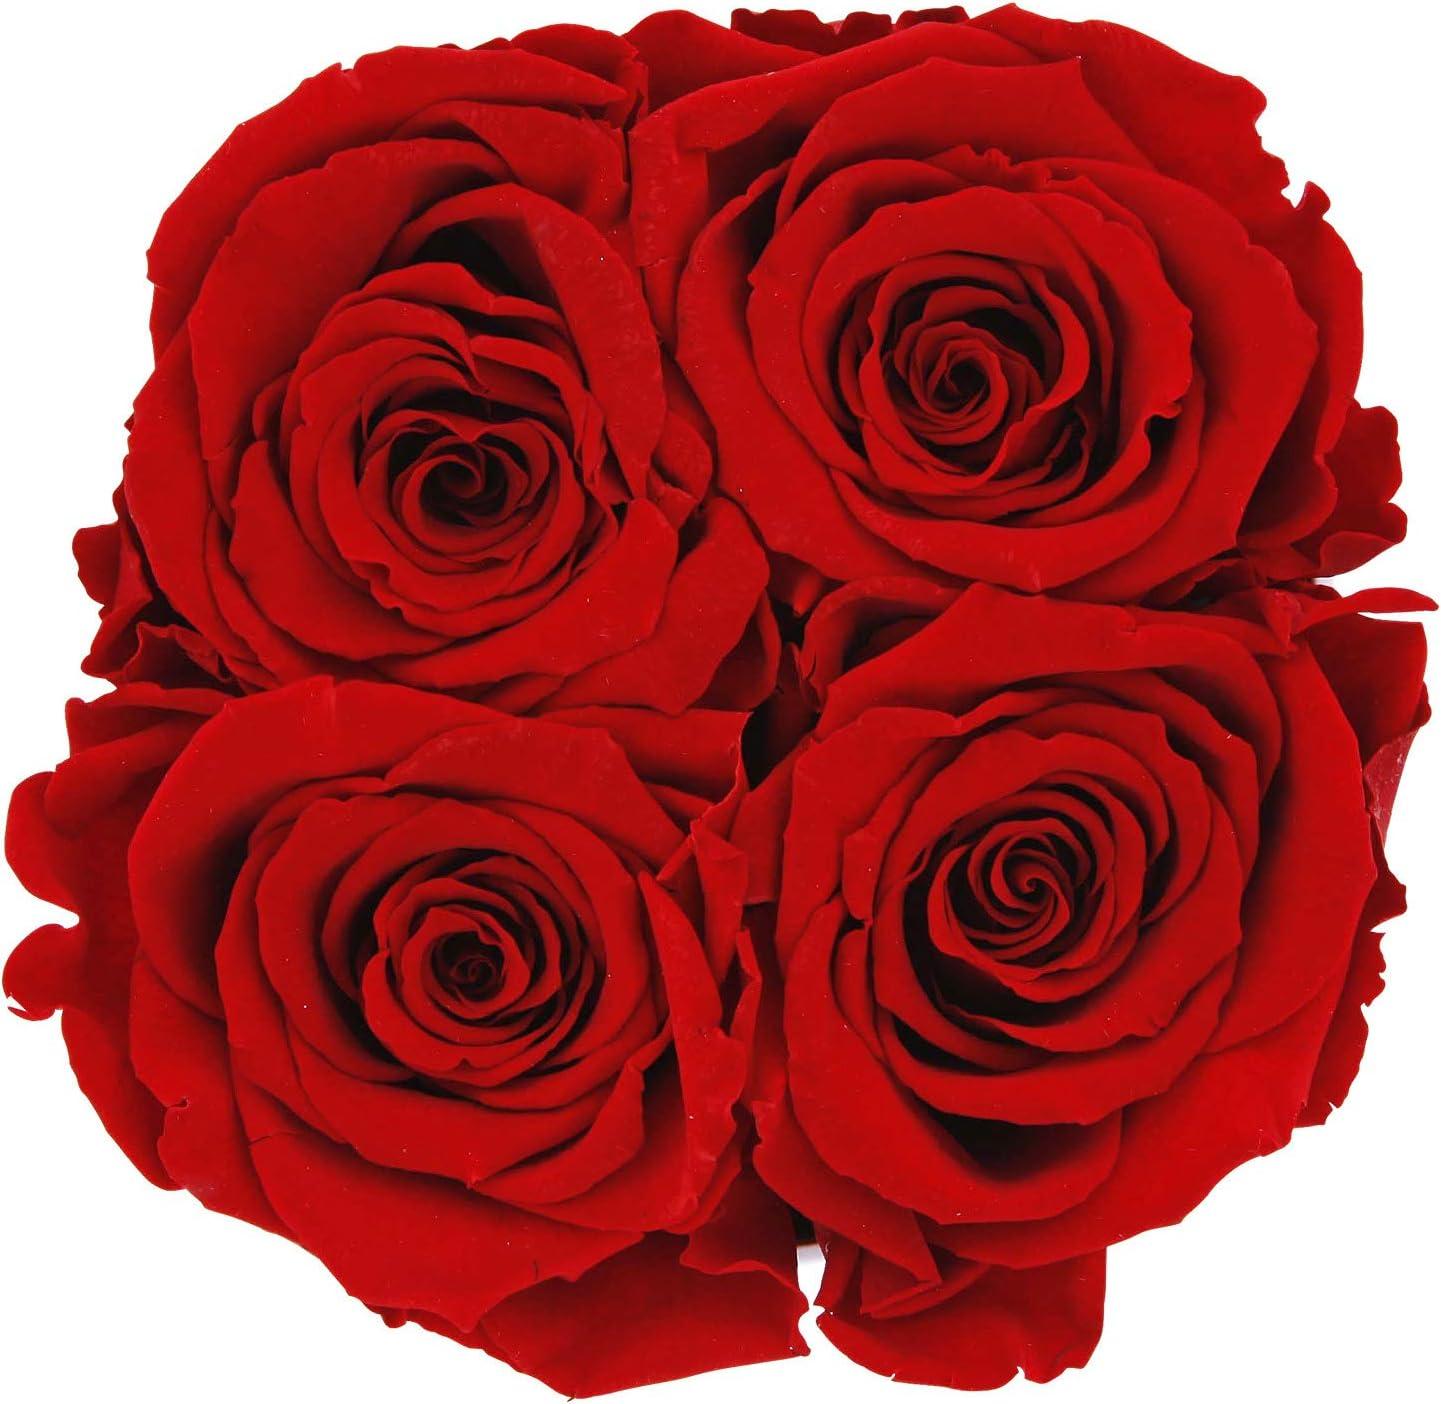 Mia Milano /® Scatola di rose con 4 rose Infinity fiori conservati 3 anni durevoli Fioriera confezione regalo di matrimonio Bianco- Rosso